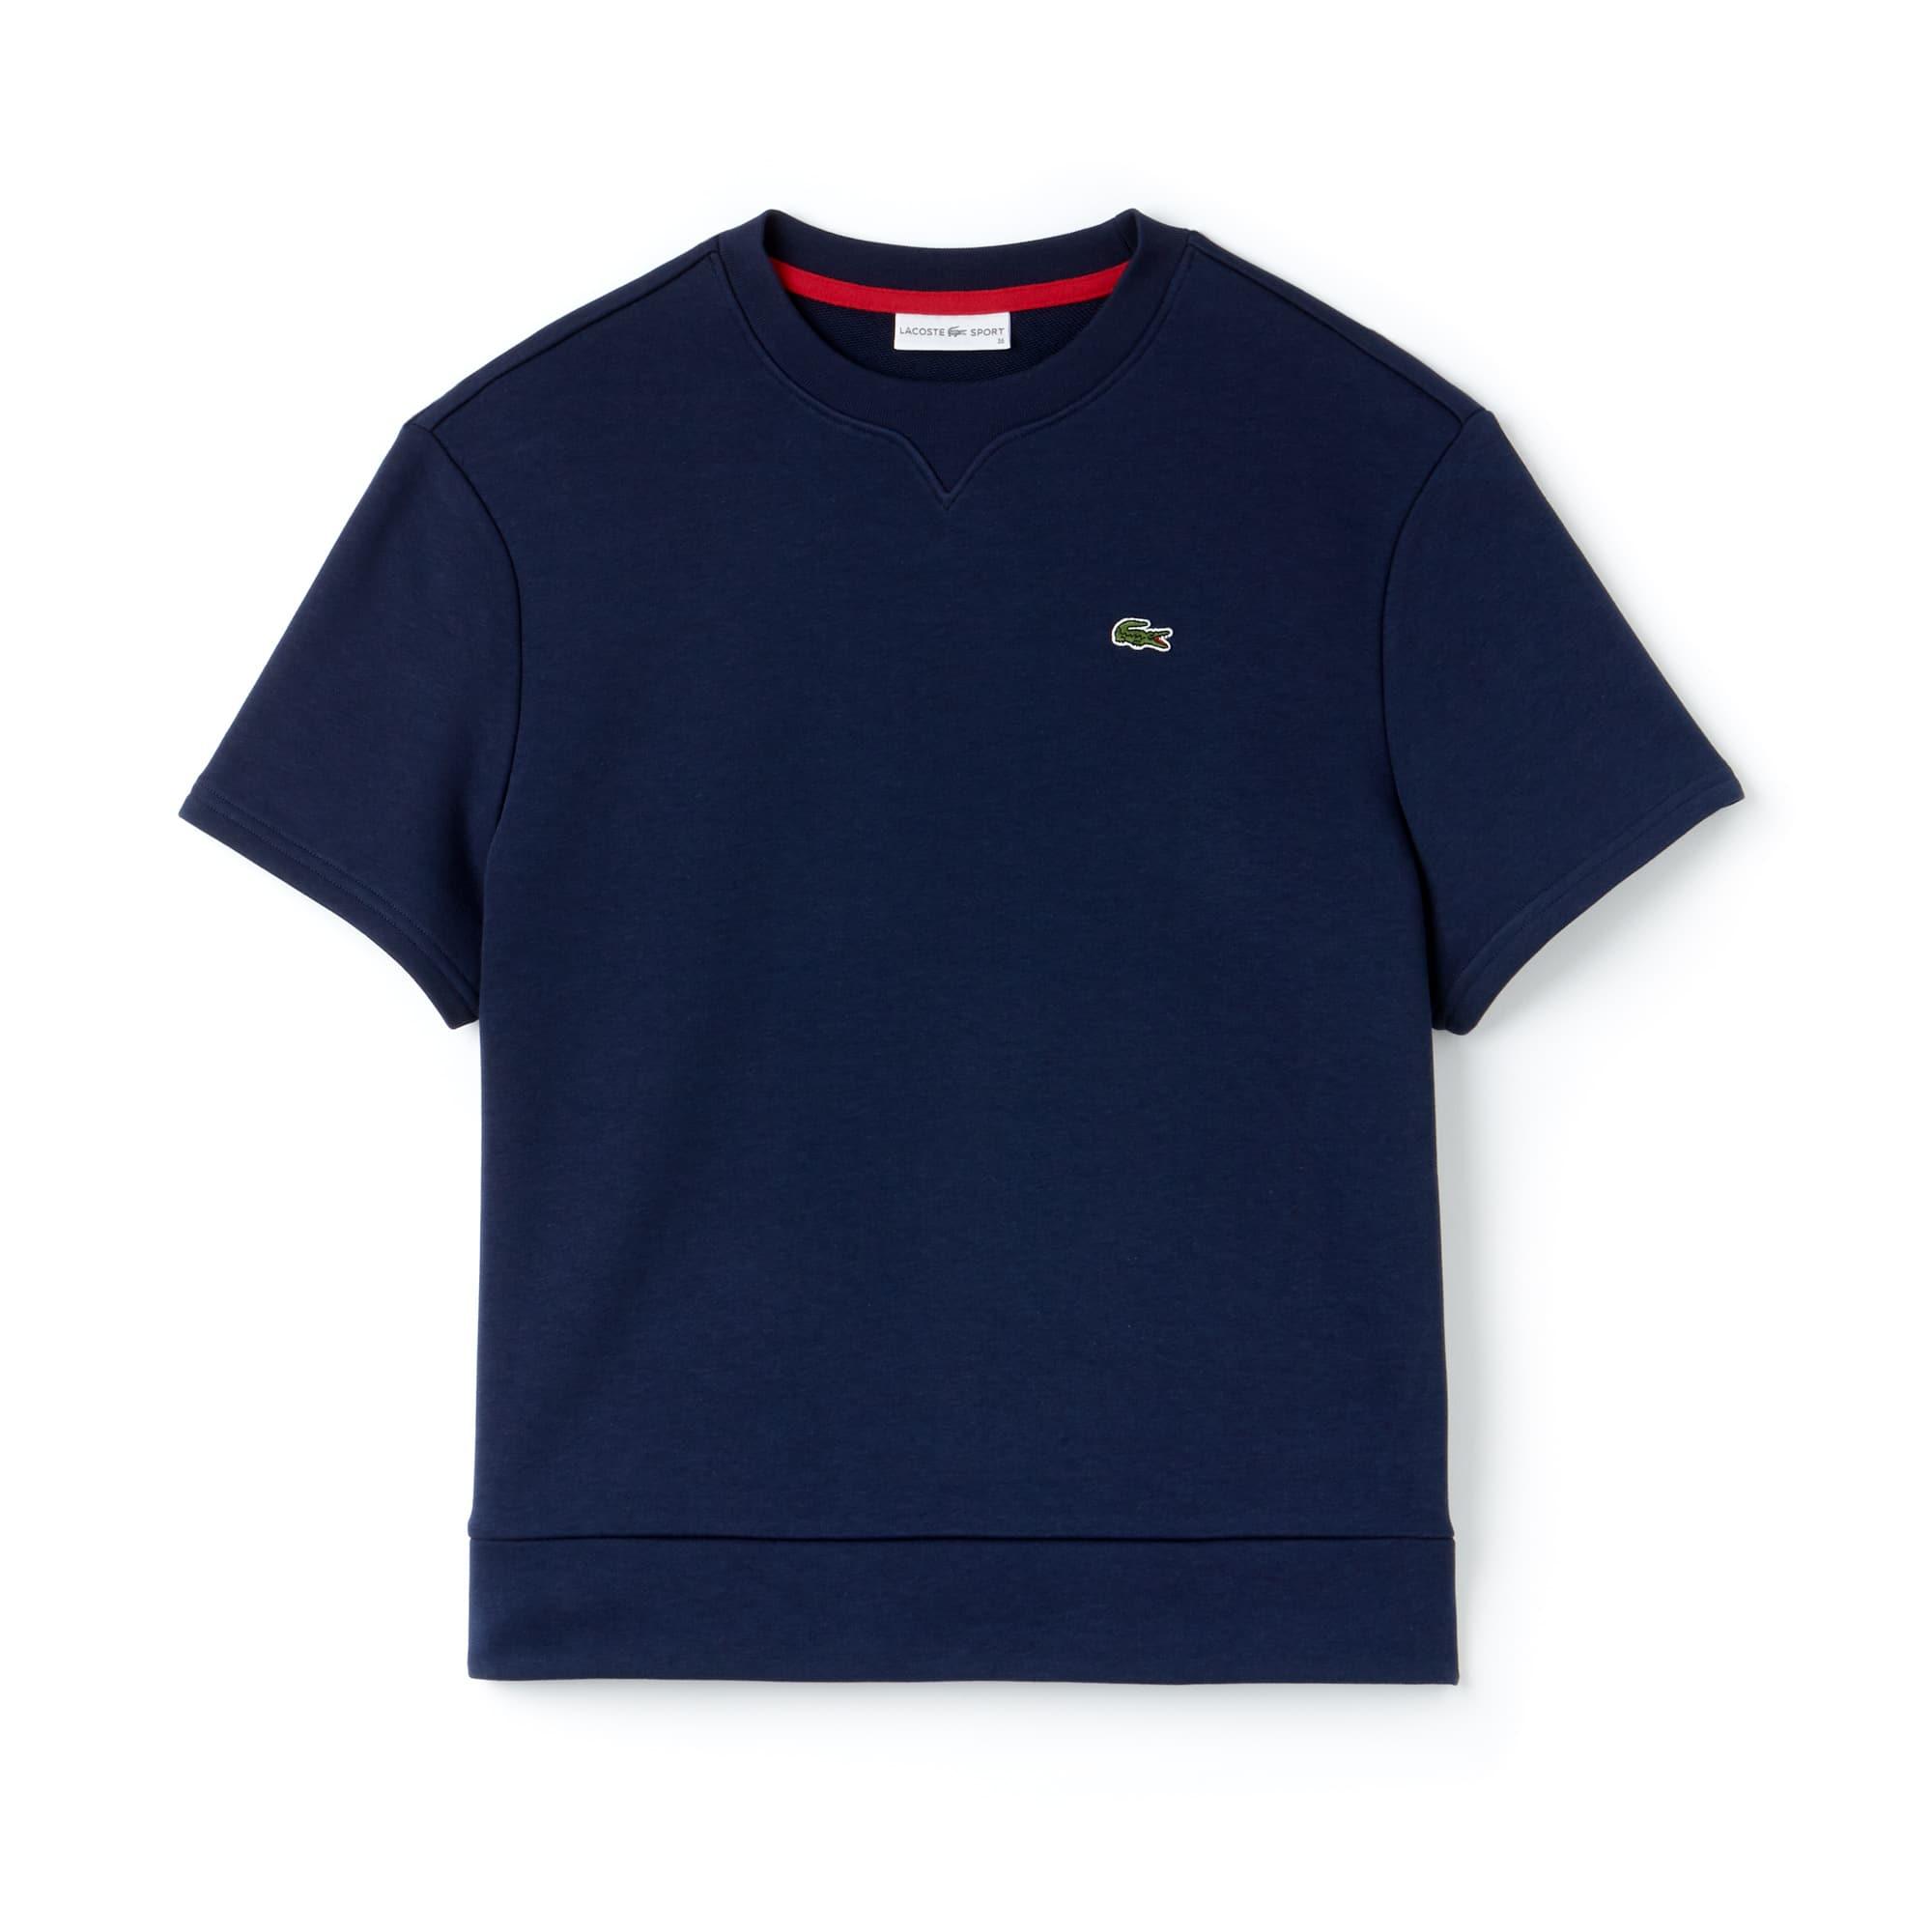 라코스테 스포츠 반팔 티셔츠 Womens Lacoste SPORT Fleece Tennis Sweatshirt,navy blue/goji red